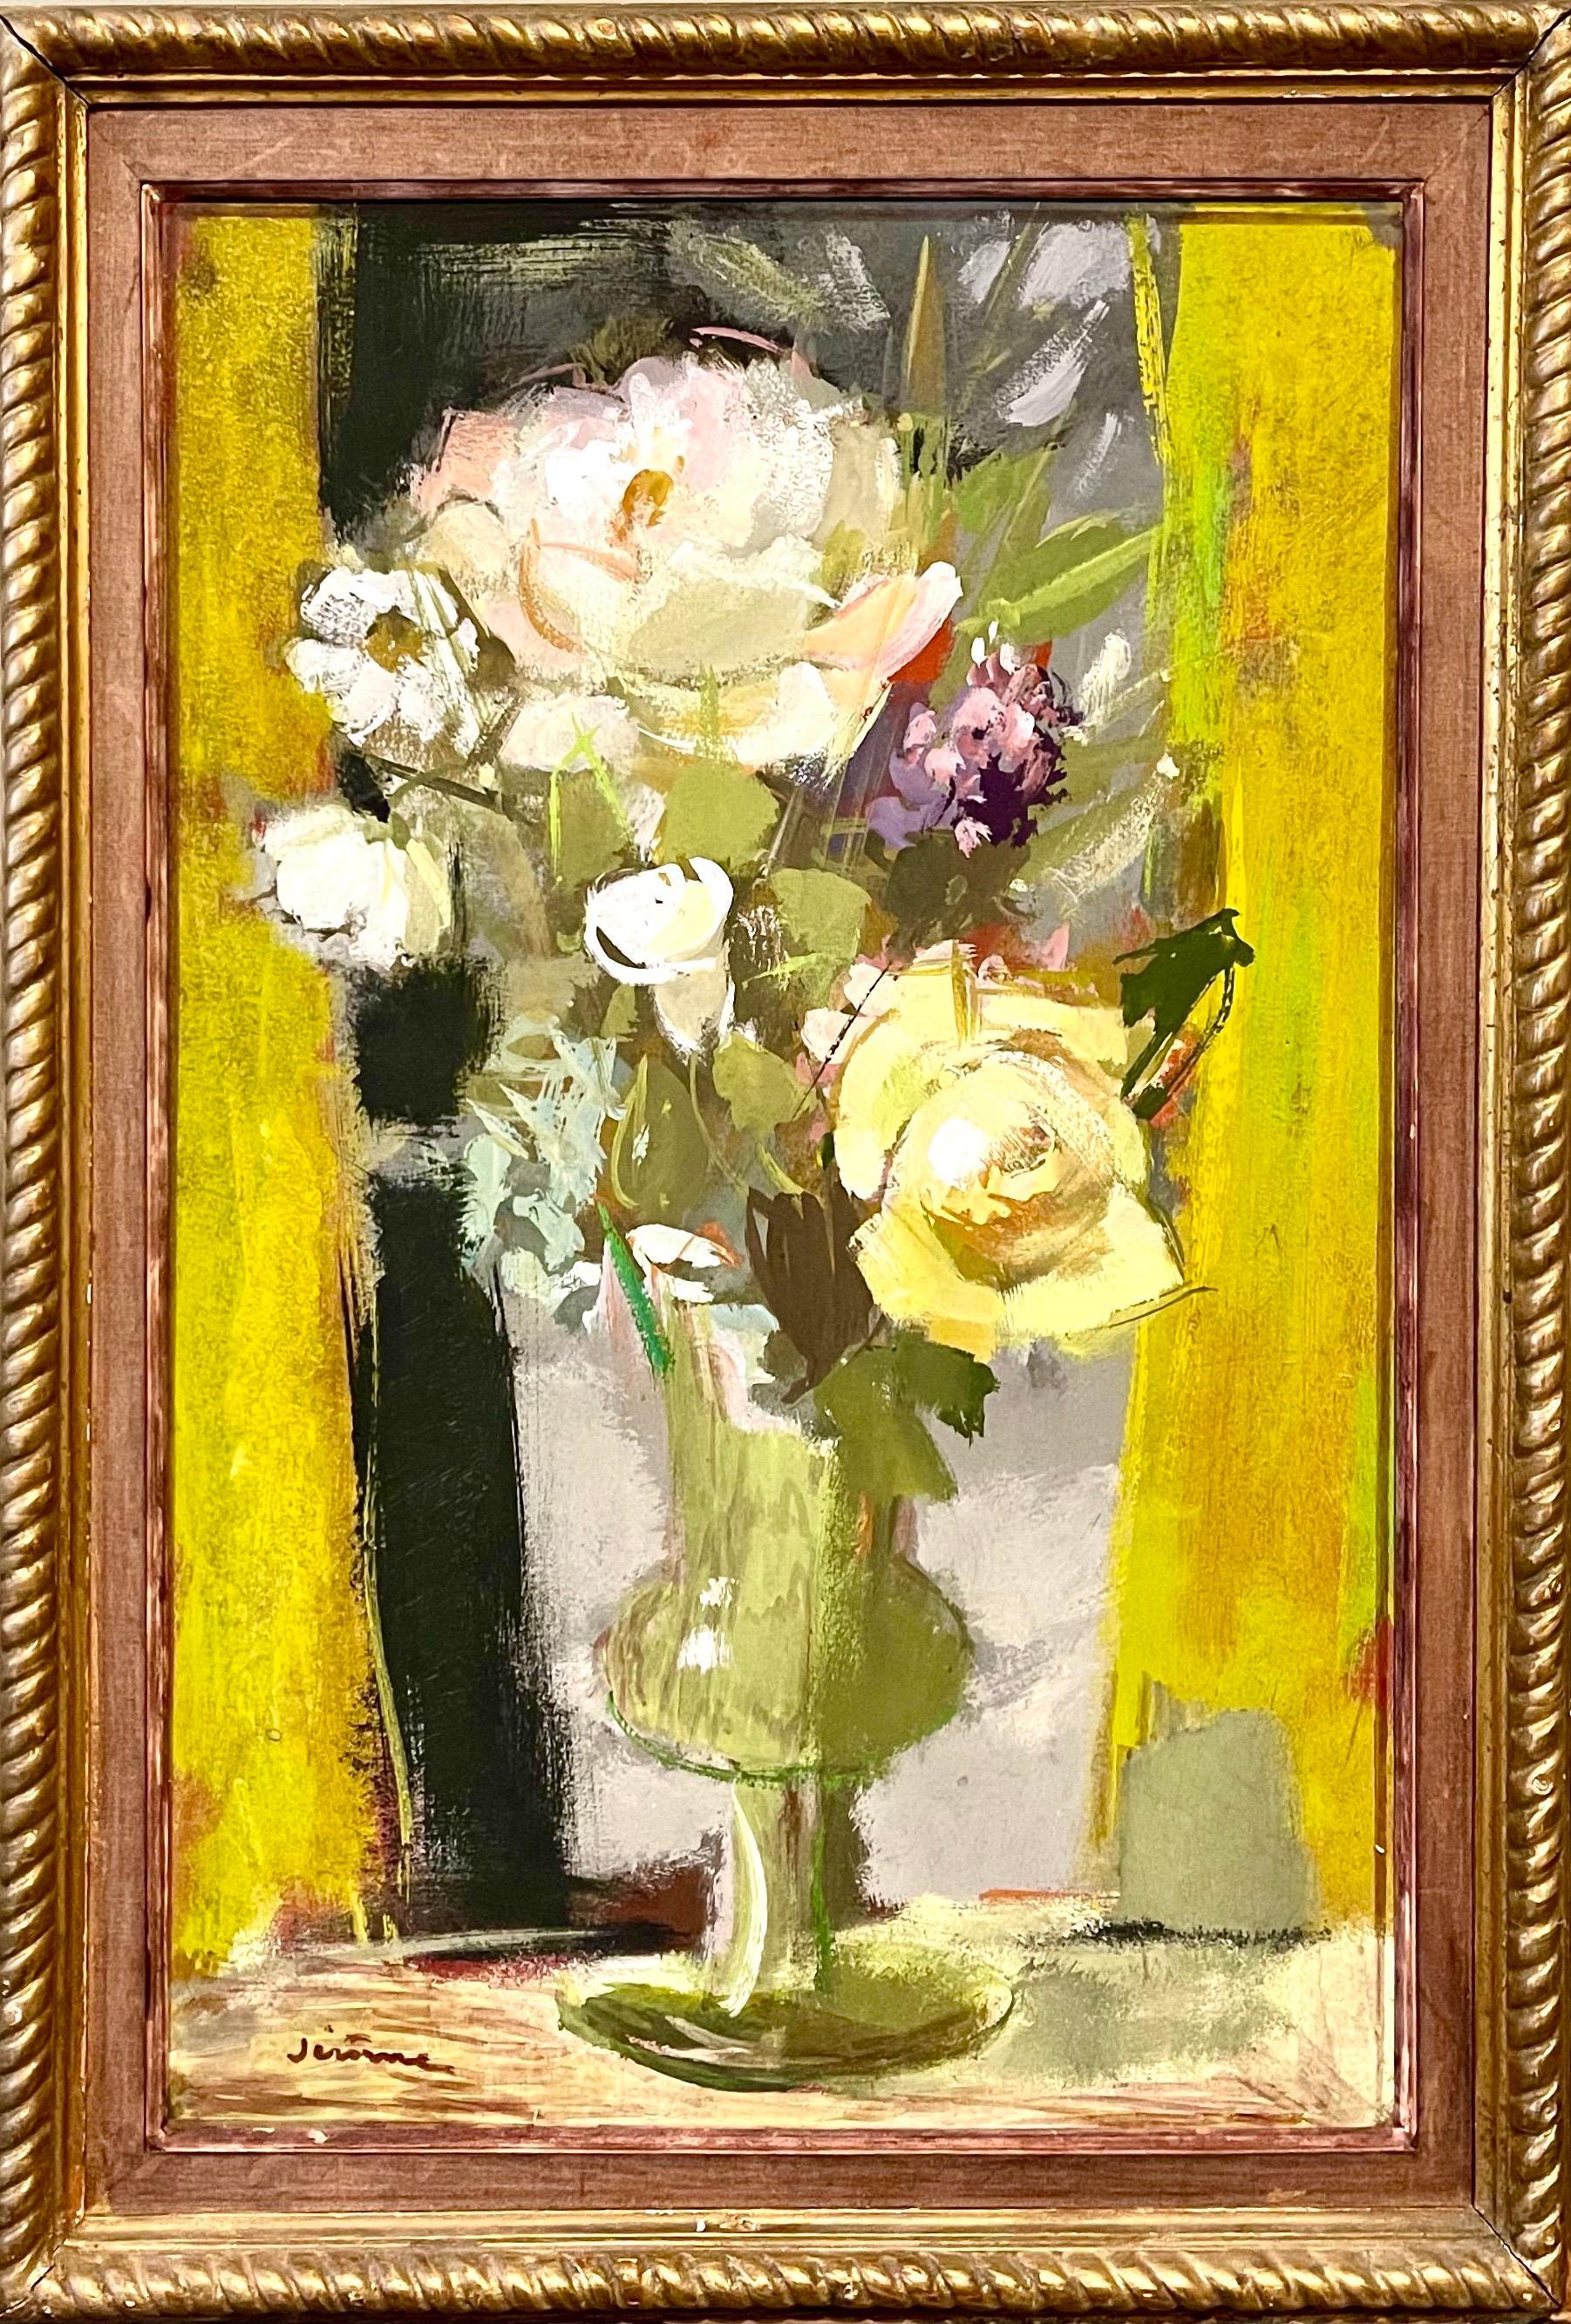 Vibrant Floral Oil Painting Vase of Spring Flowers Pierre Jerome Ecole De Paris